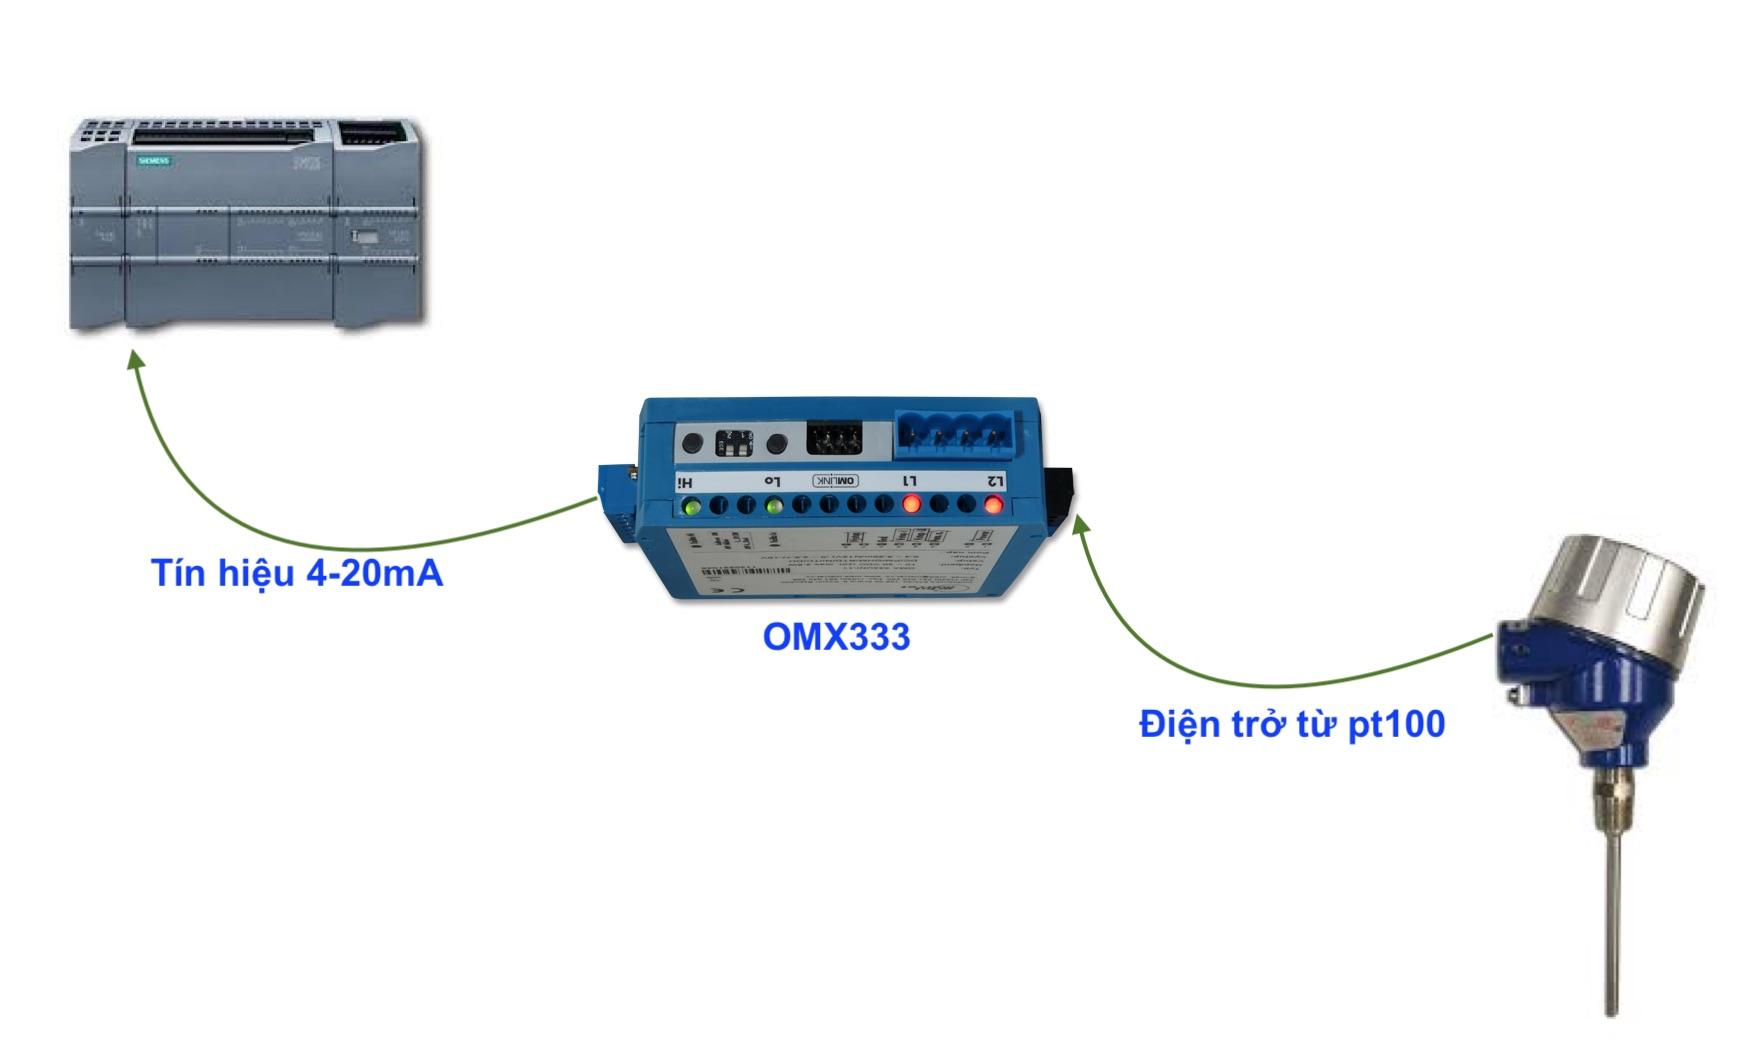 Thiết bị chuyển đổi tín hiệu Pt100 ra 4-20mA